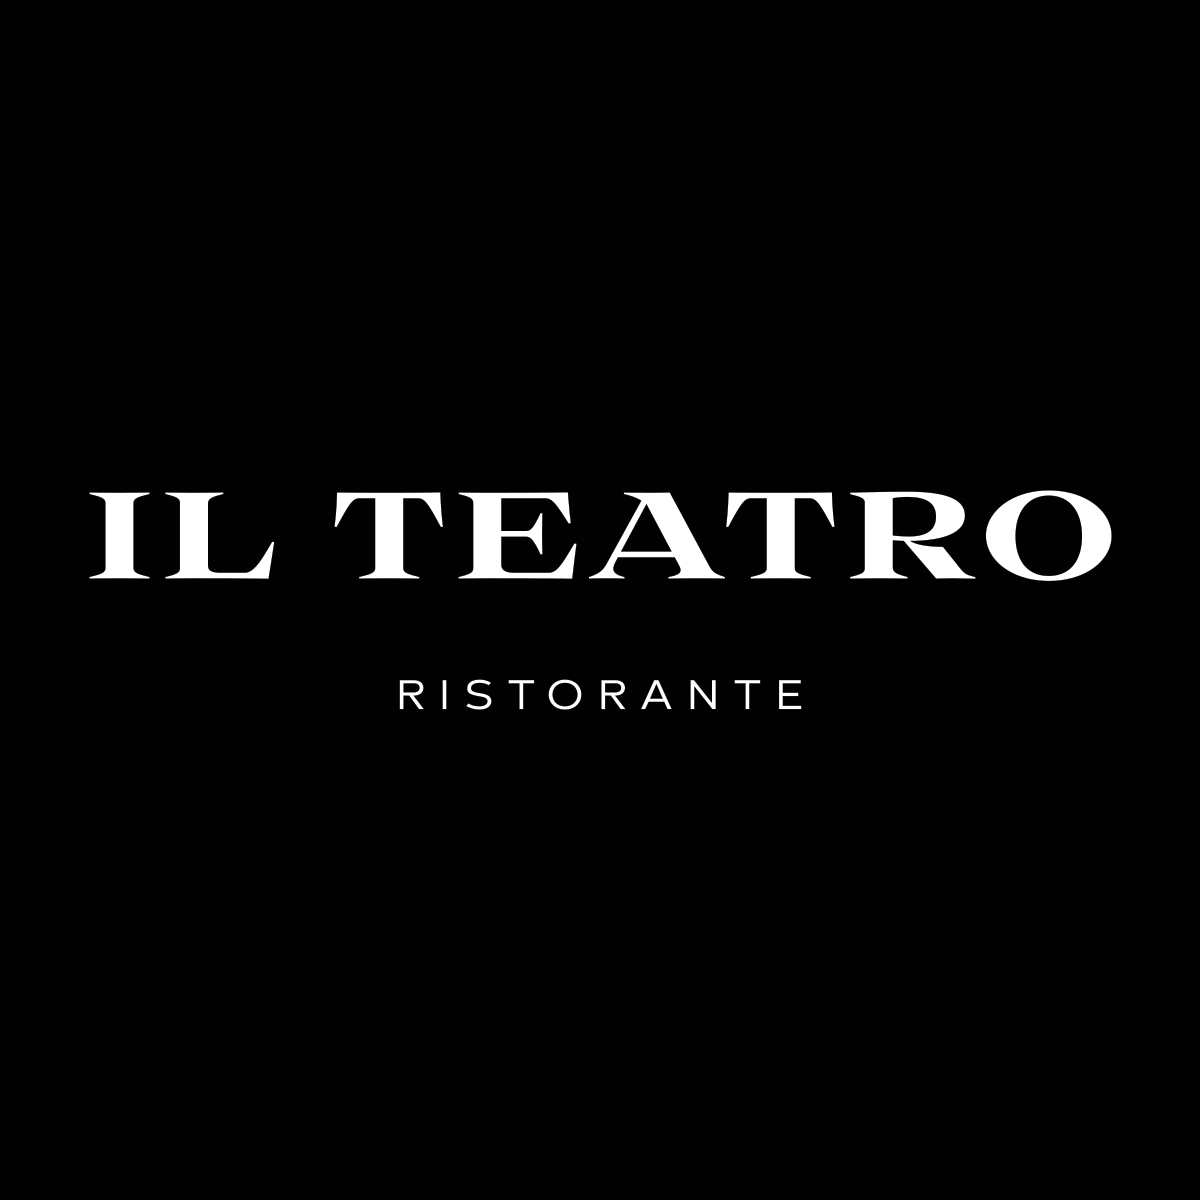 Il Teatro